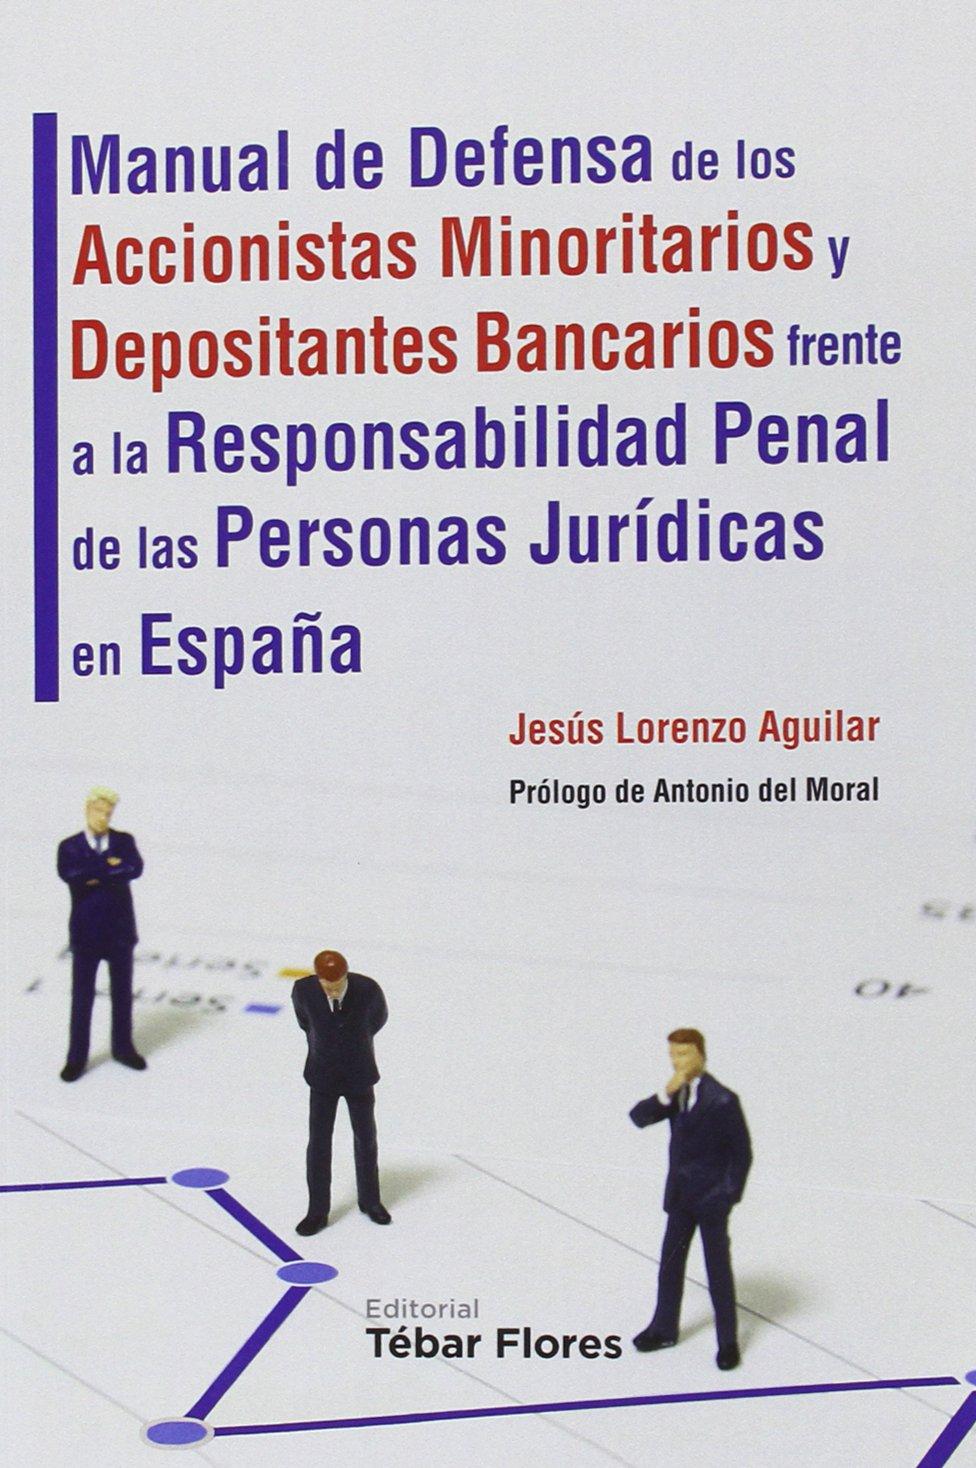 Manual de Defensa de los Accionistas Minoritarios y Depositantes ...